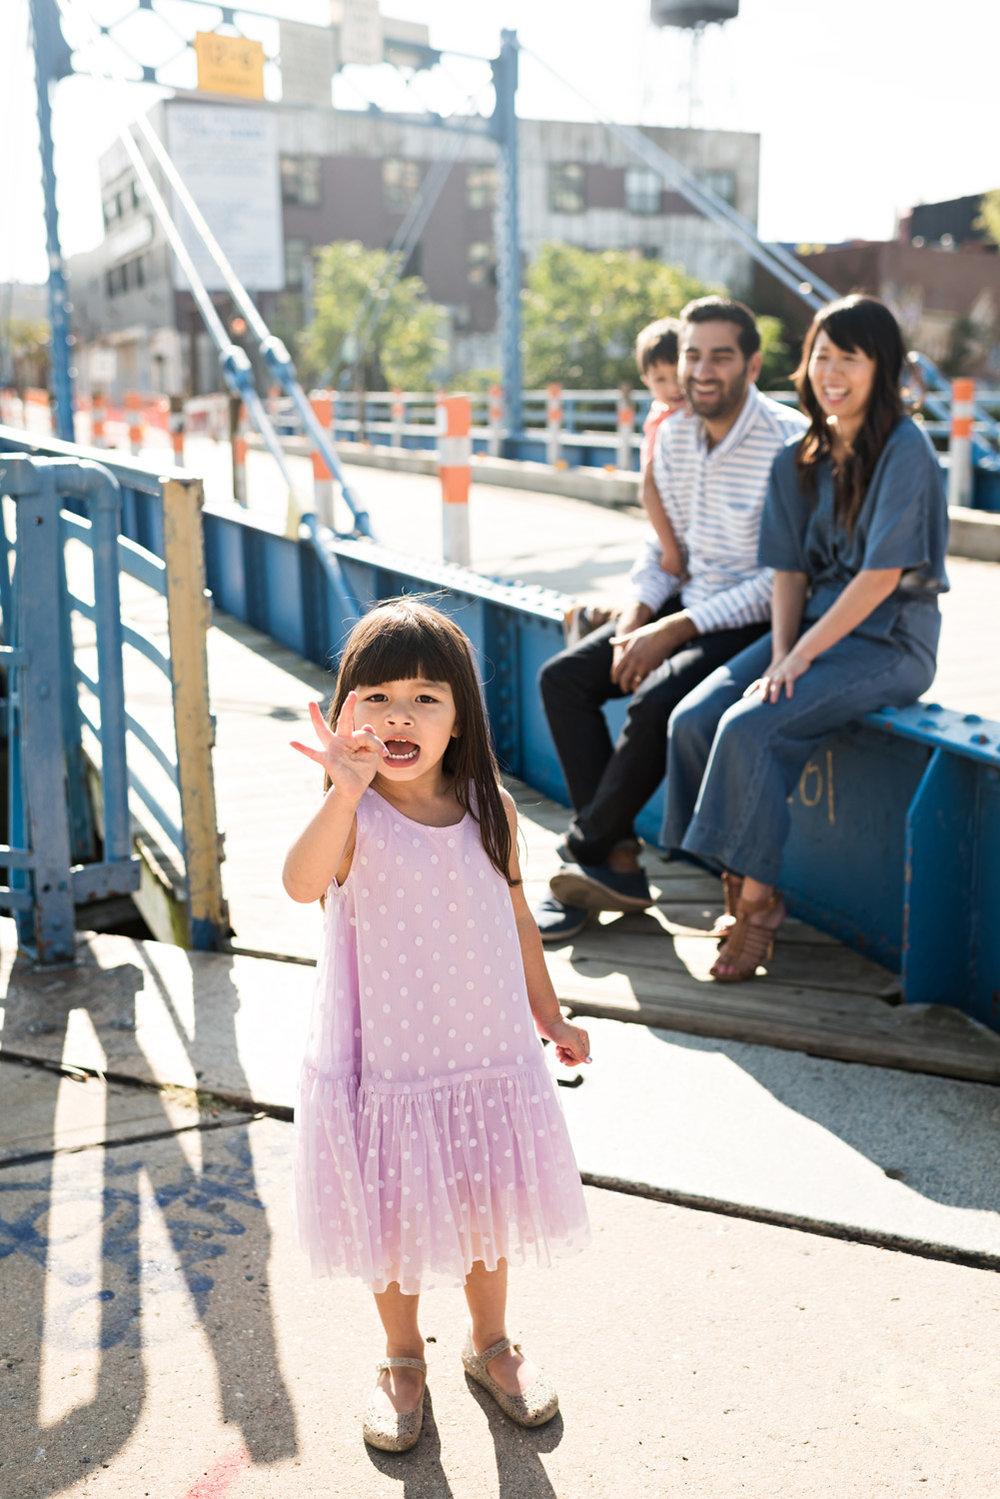 Gowanus Family Photographer-09302018_385.jpg